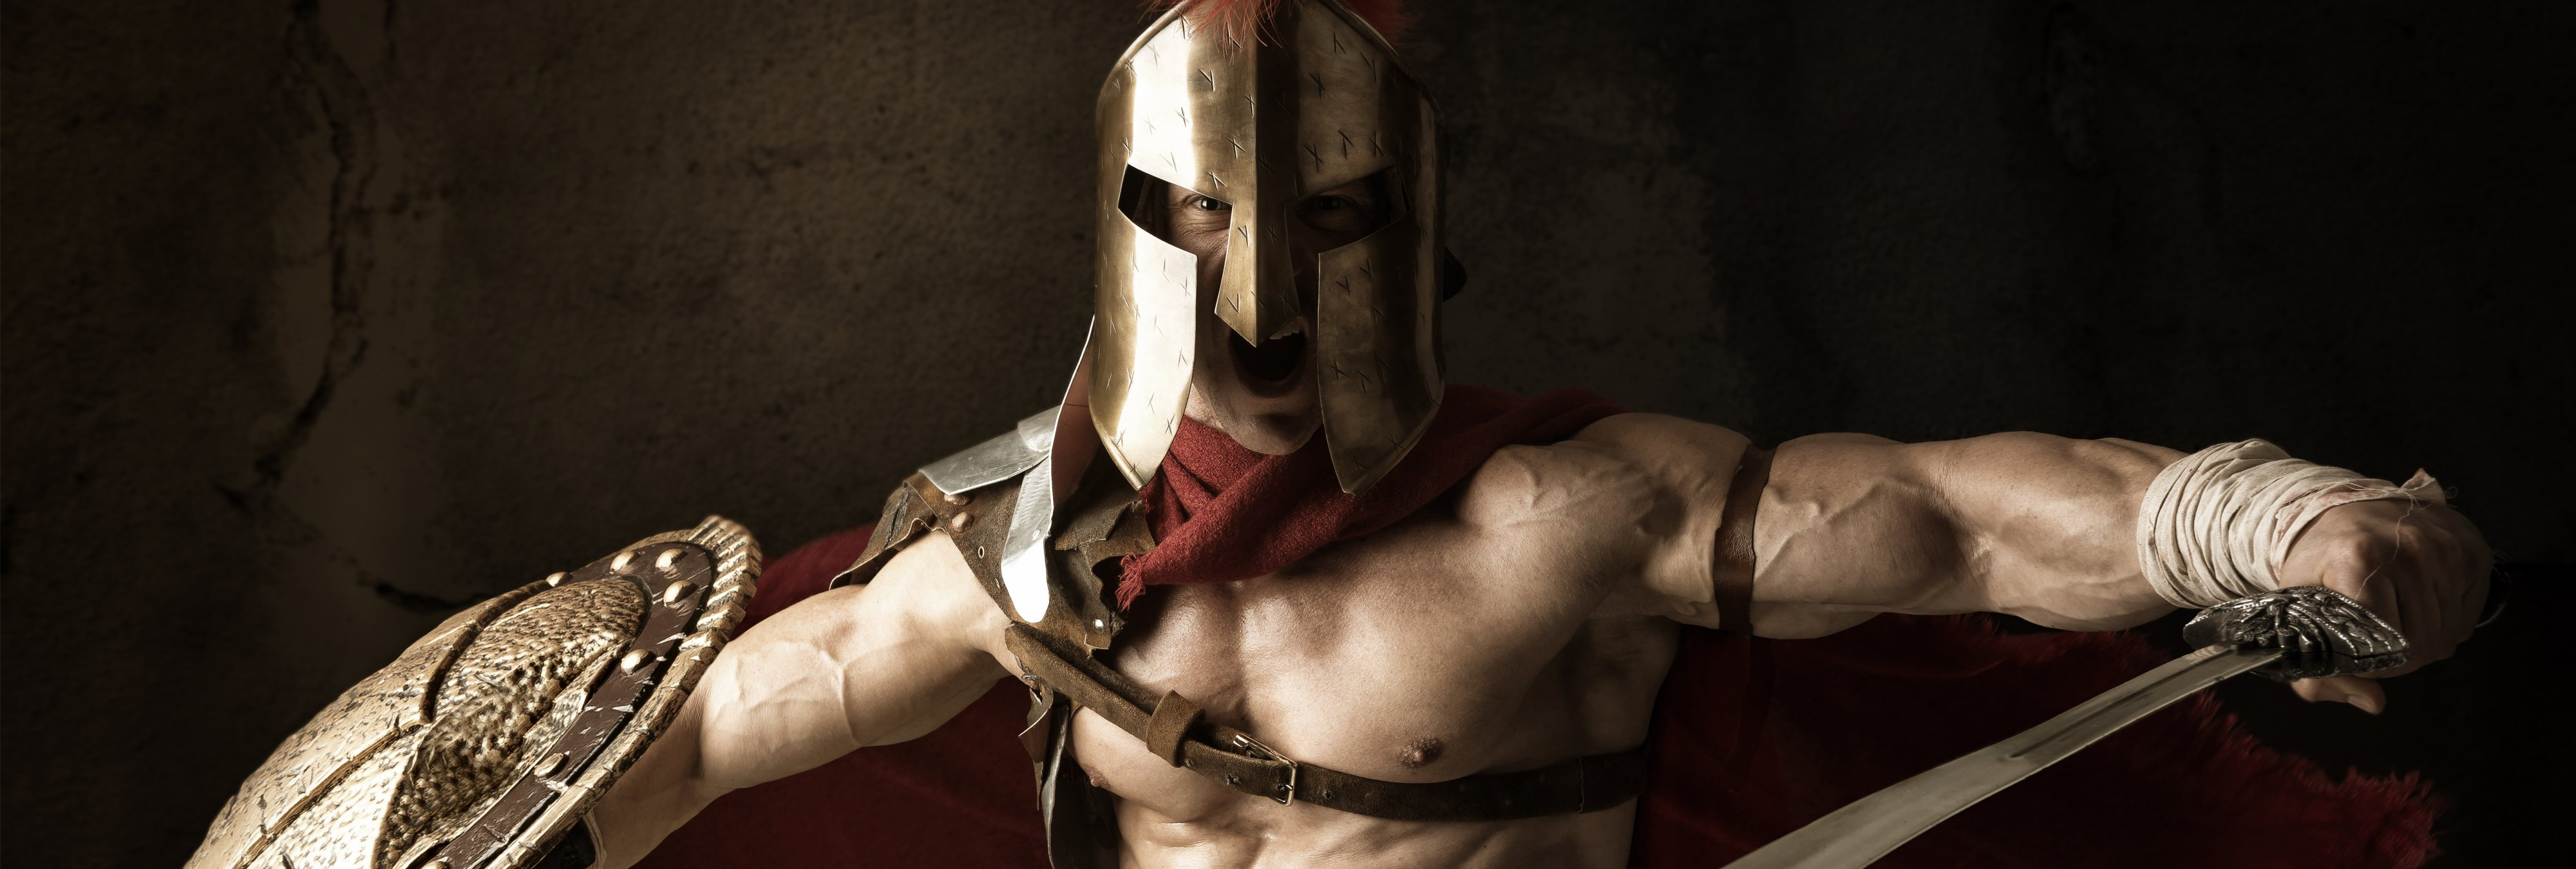 Los soldados romanos tragaban semen de otros ya que era signo de valentía